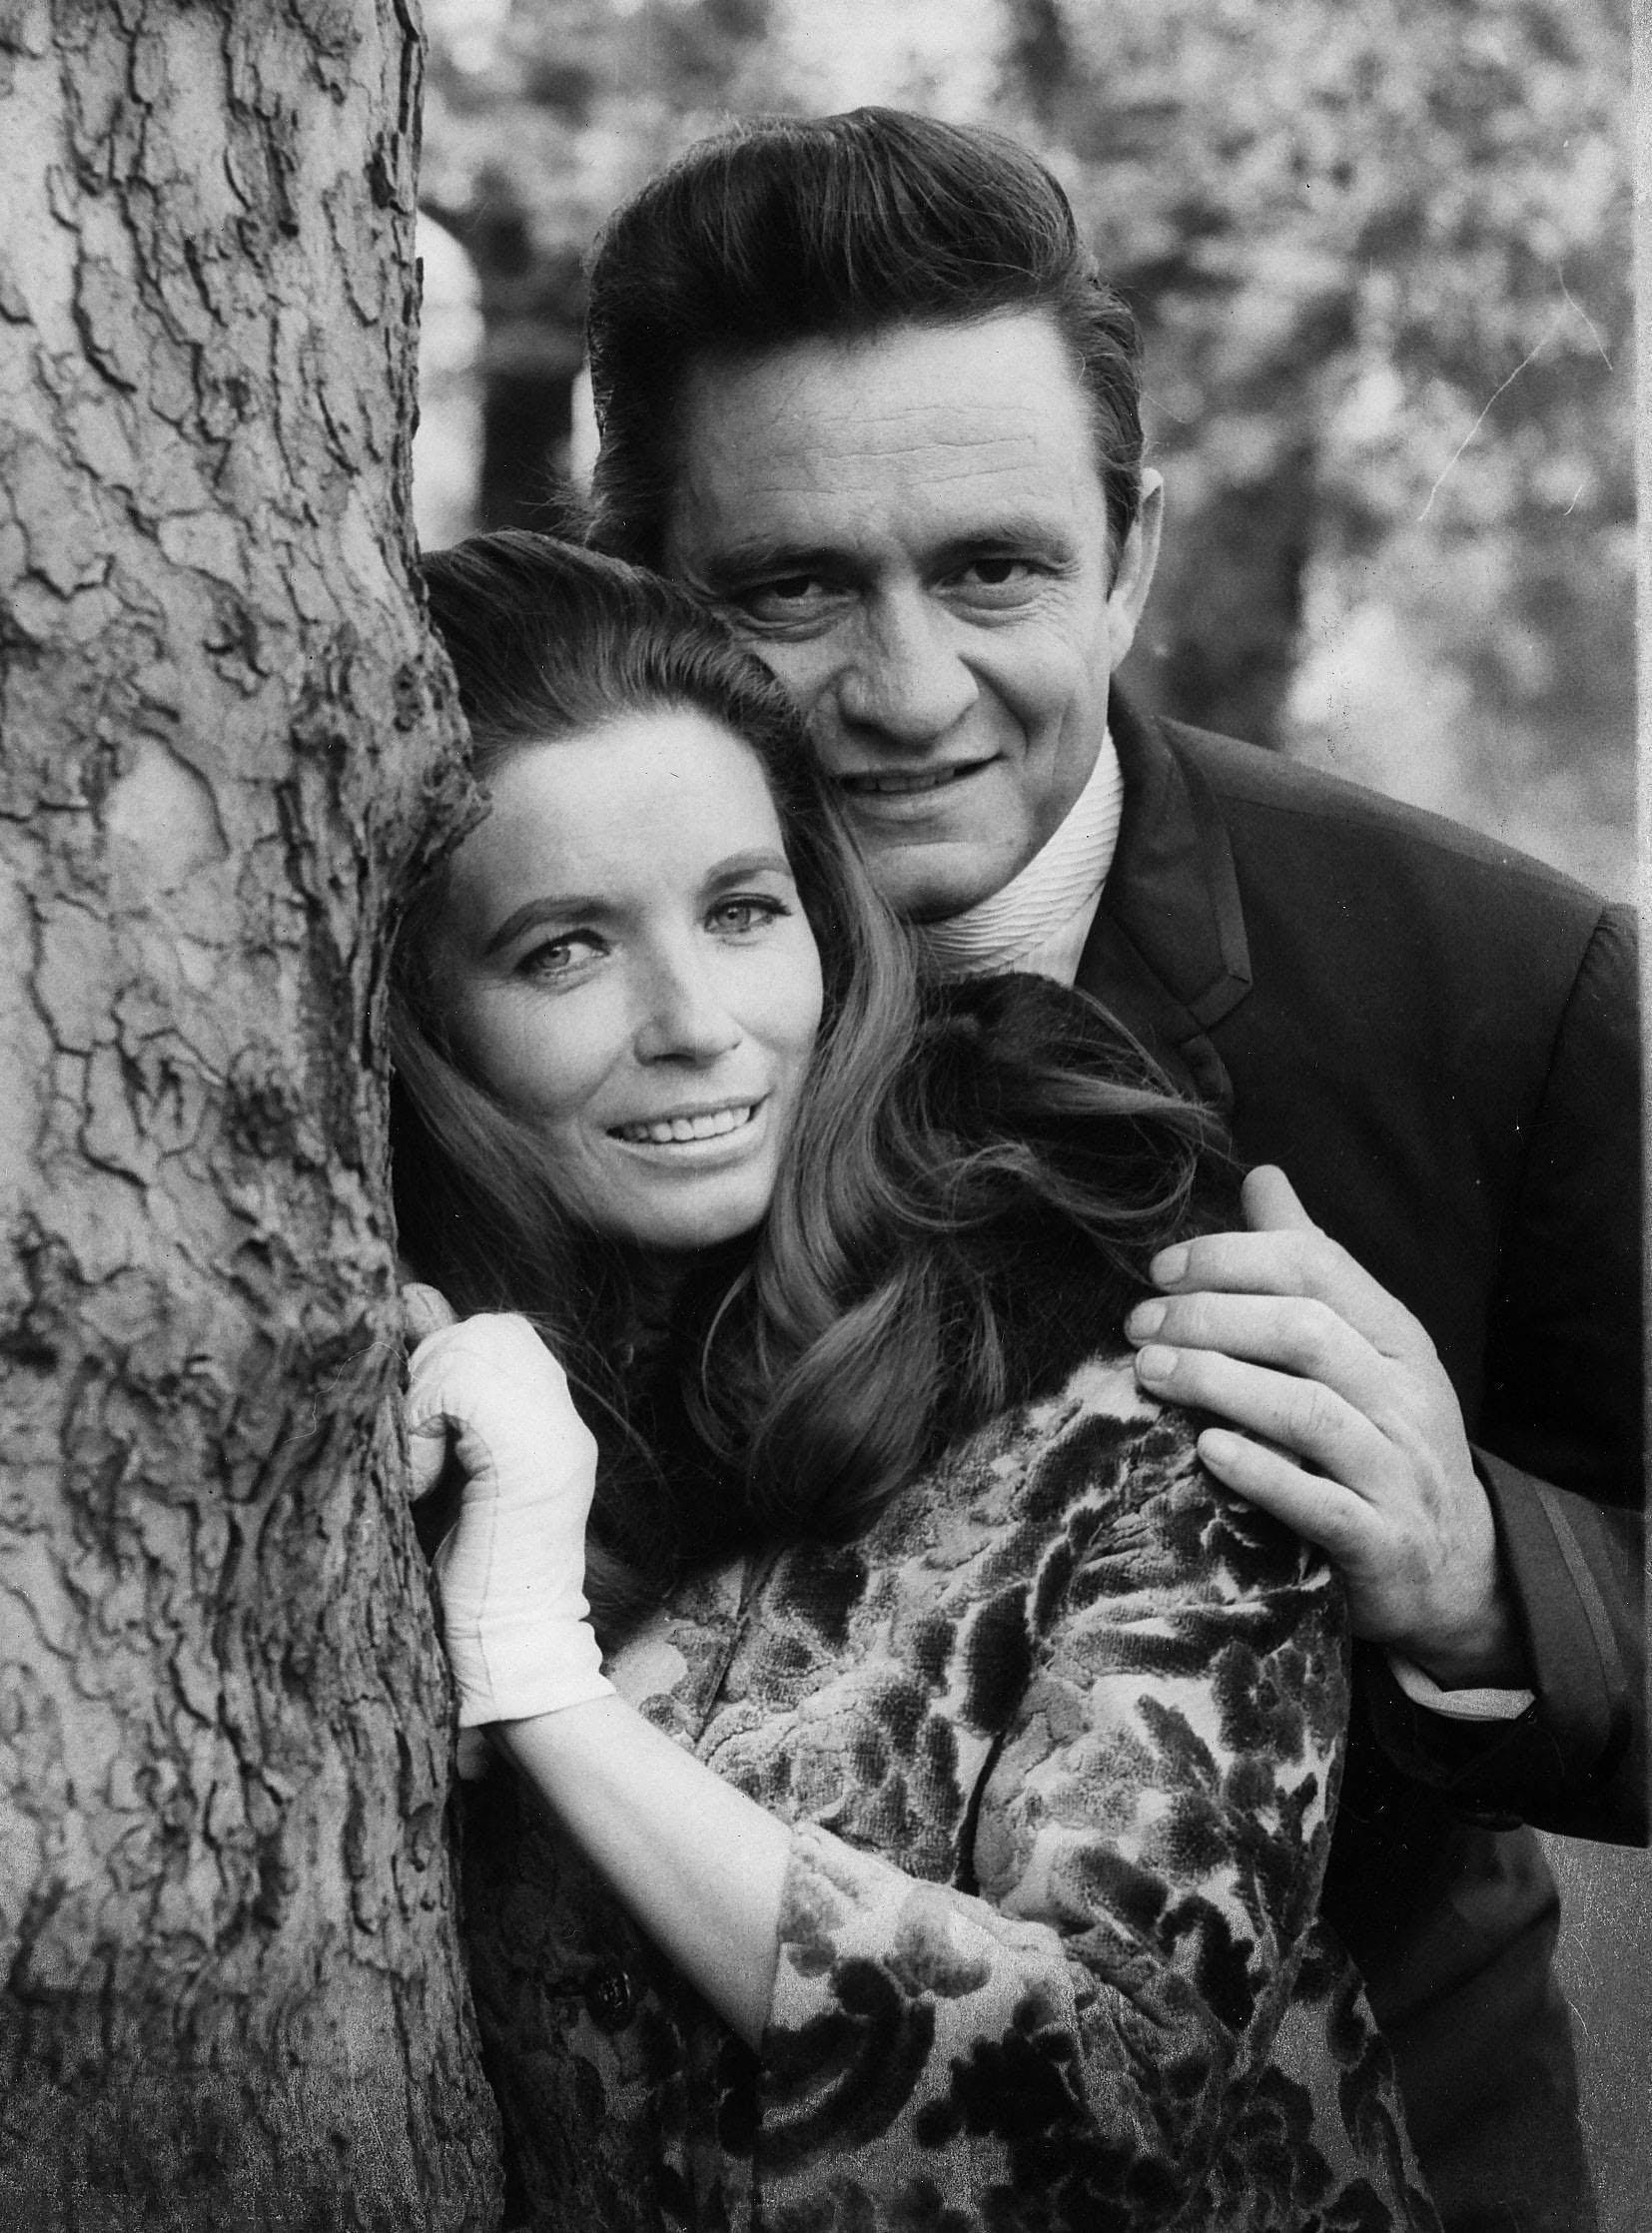 Johnny Cash & June Carter